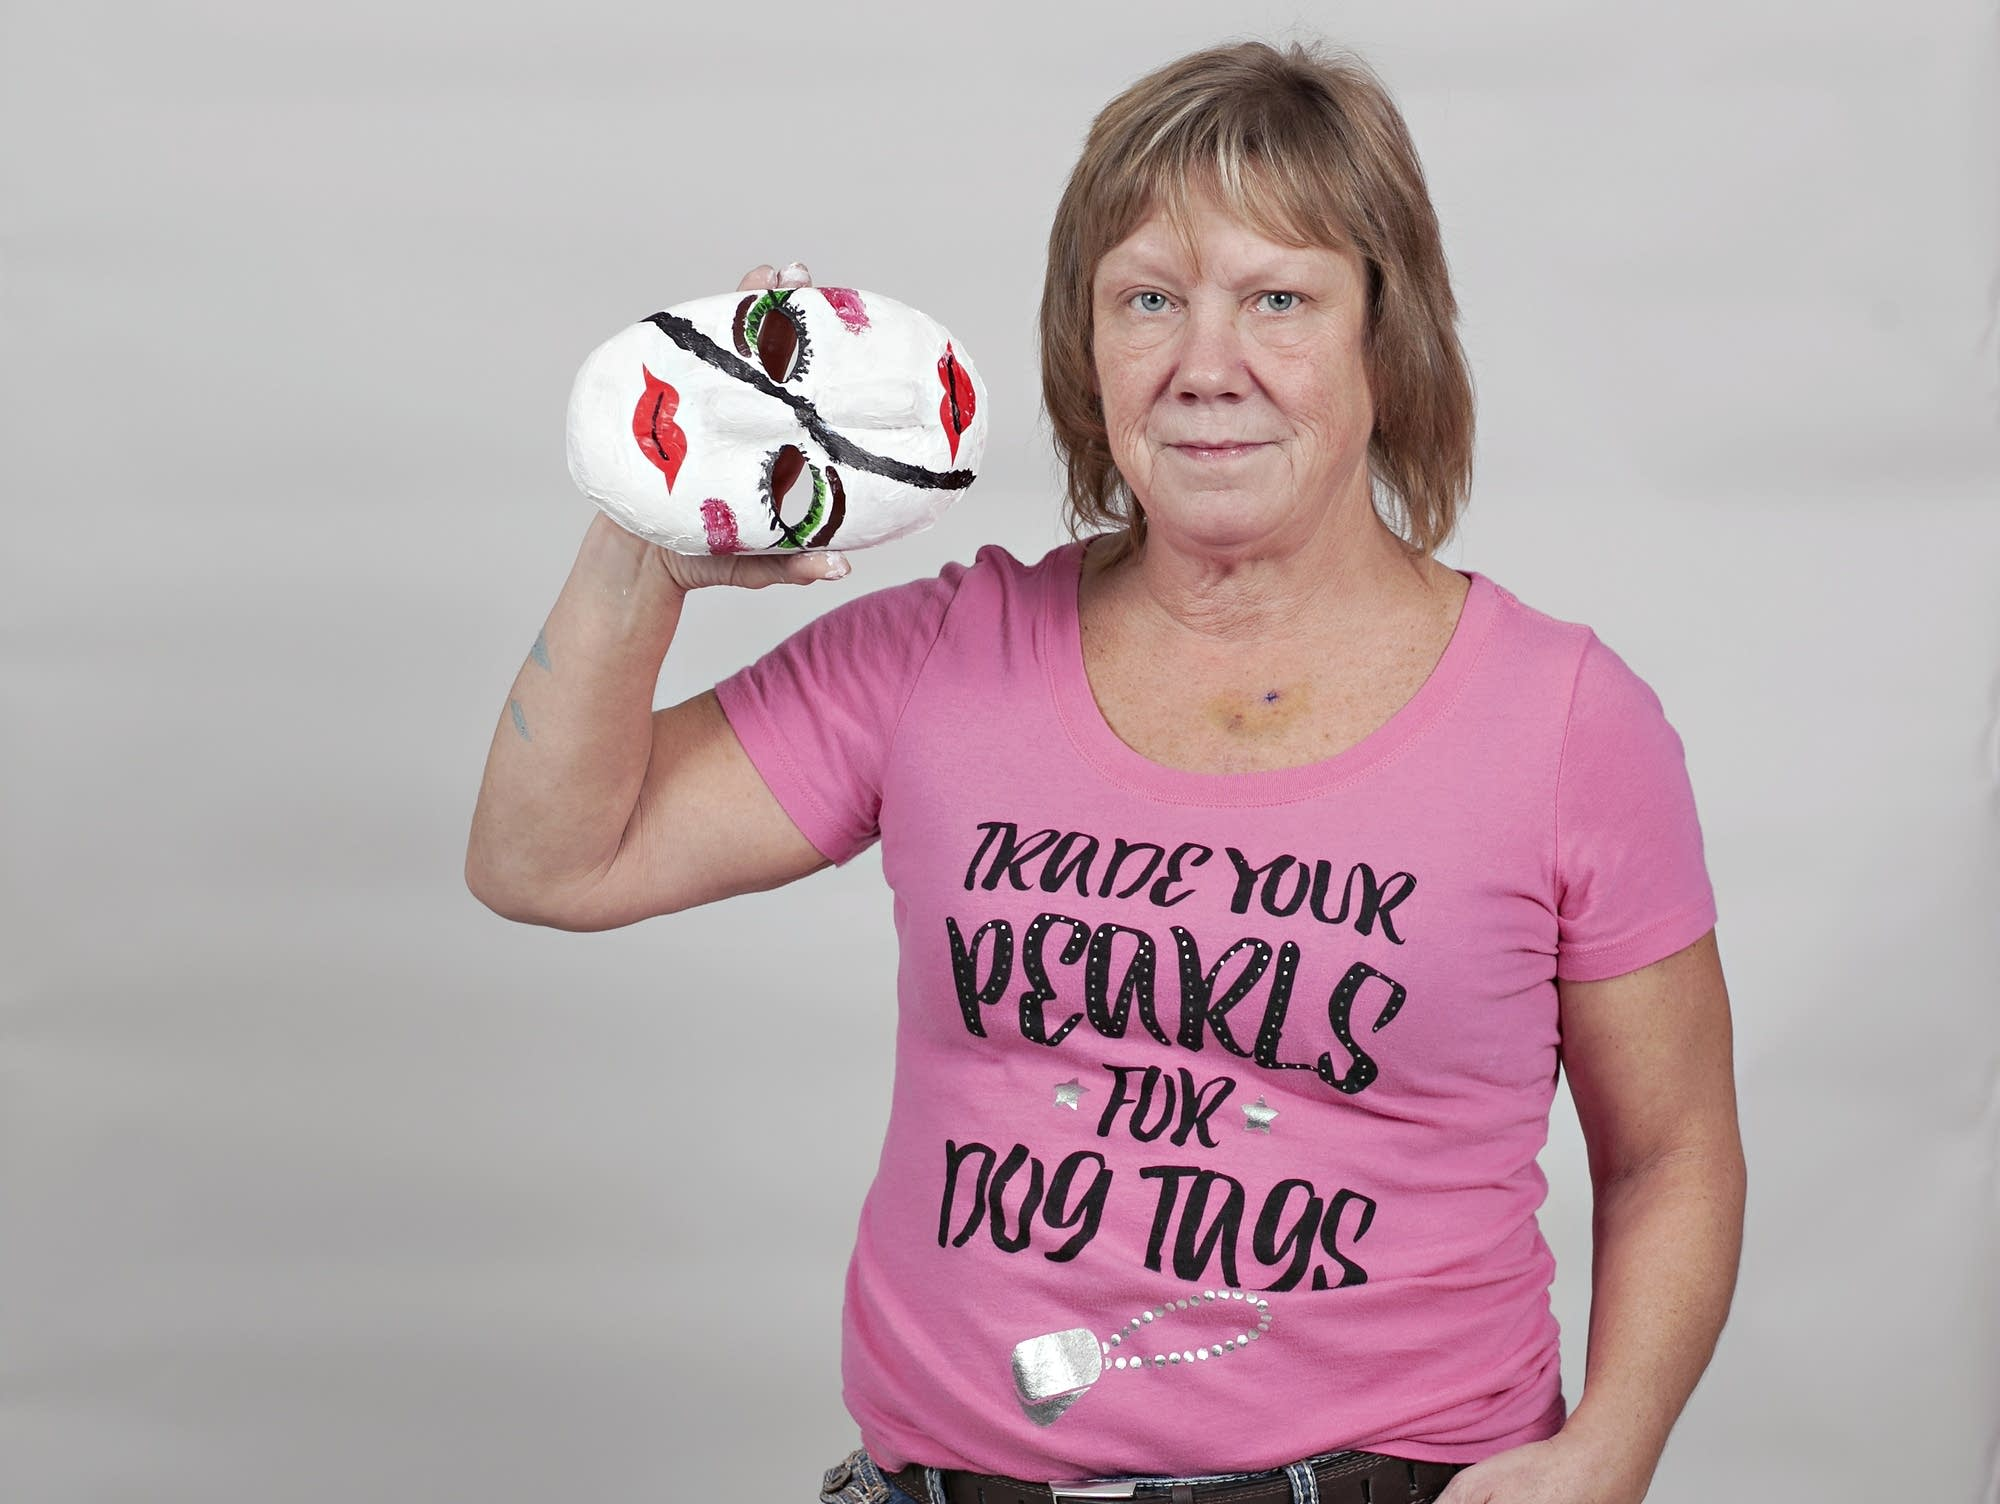 Julie Saatoff, 54, of Fargo, N.D.